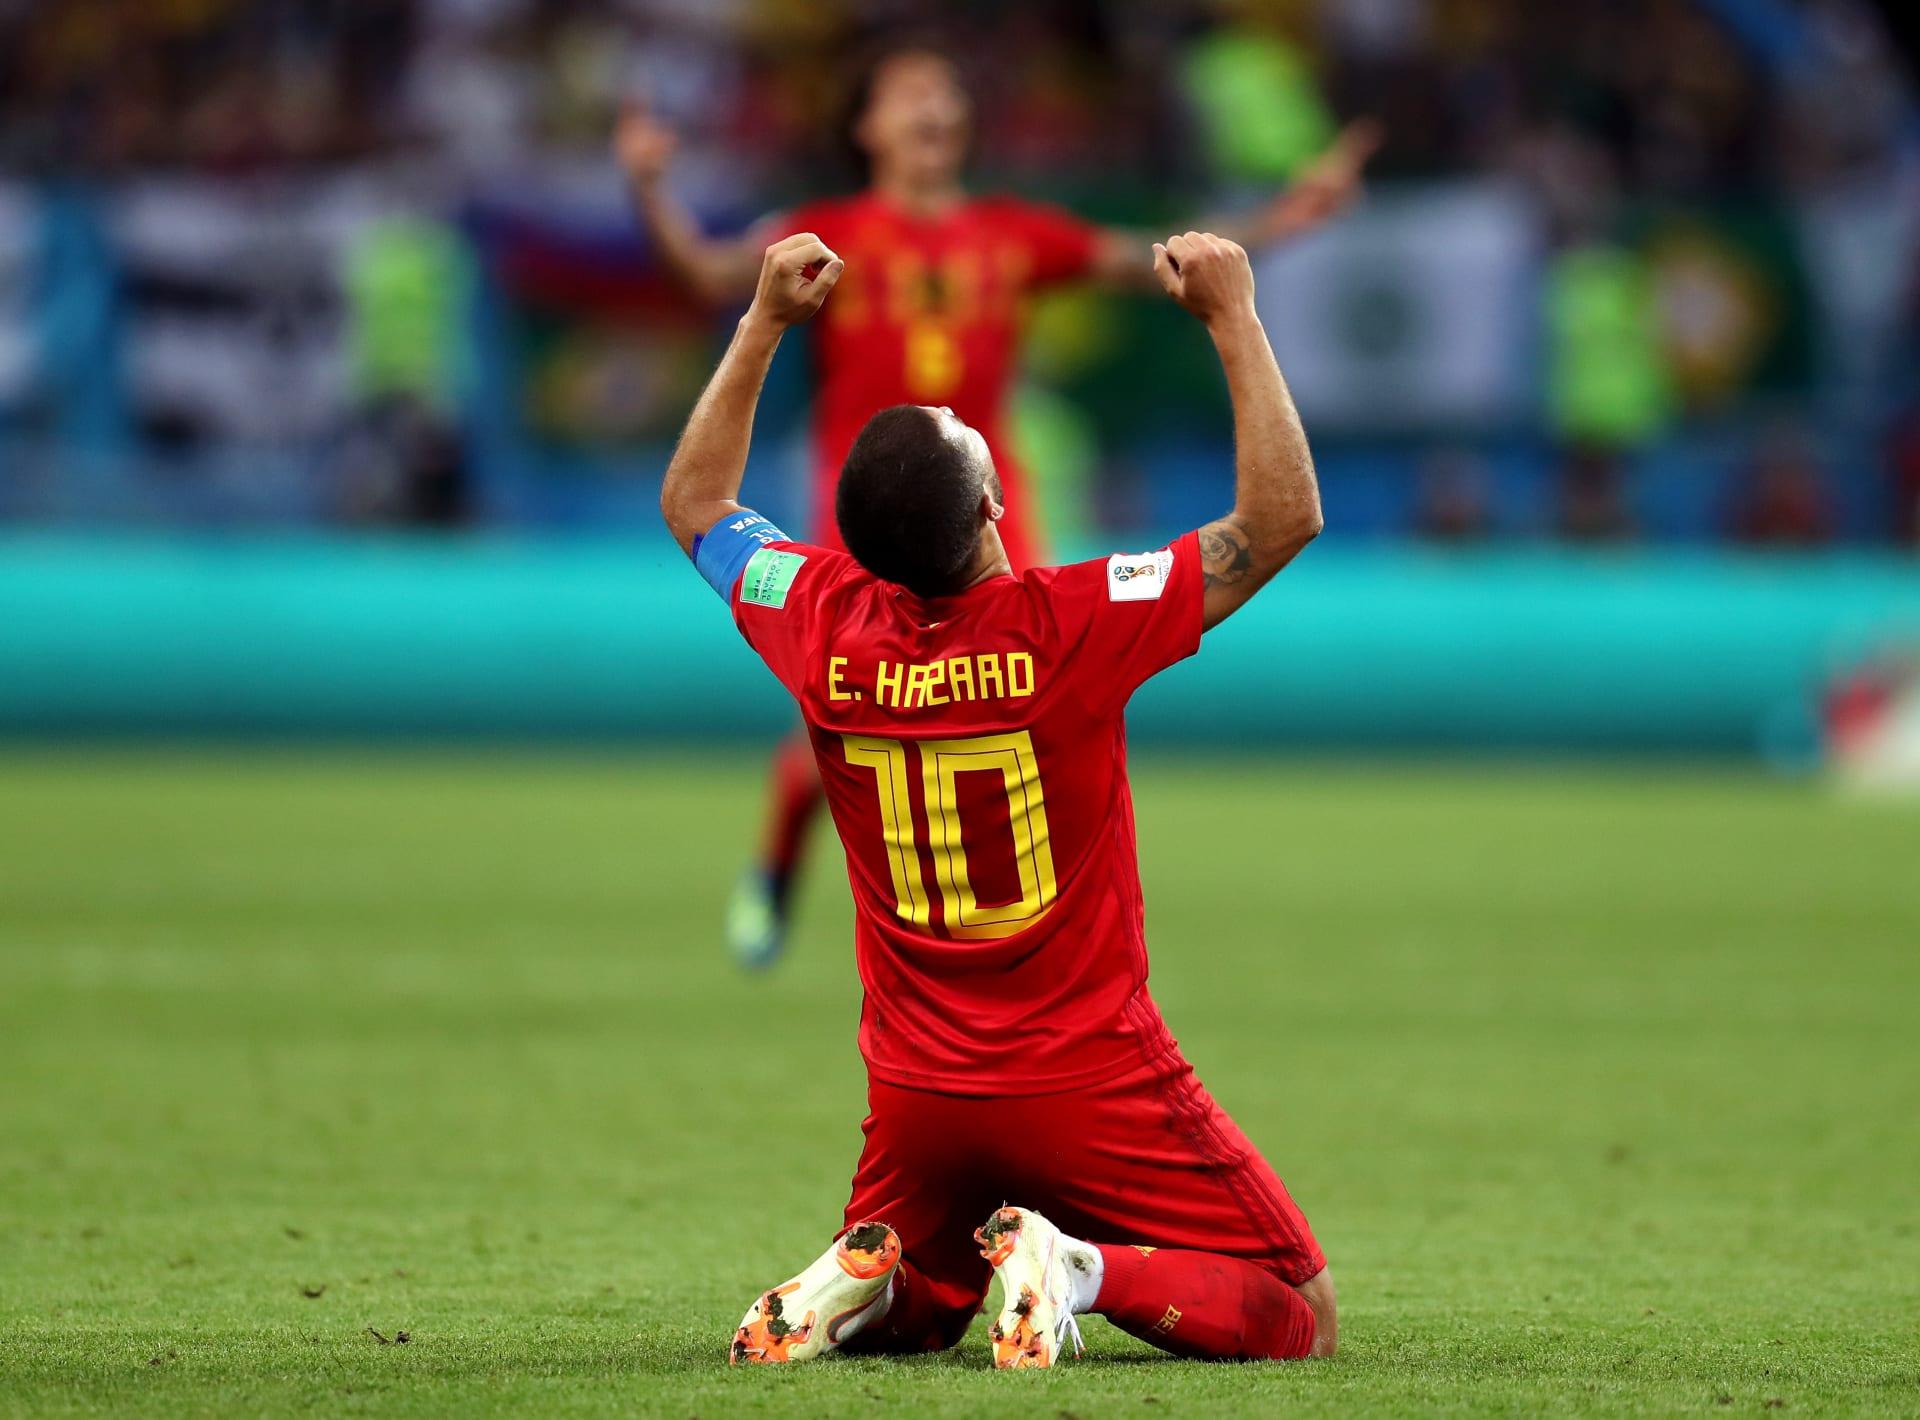 بلجيكا تنهي أحلام البرازيل وتضرب موعدا مع فرنسا